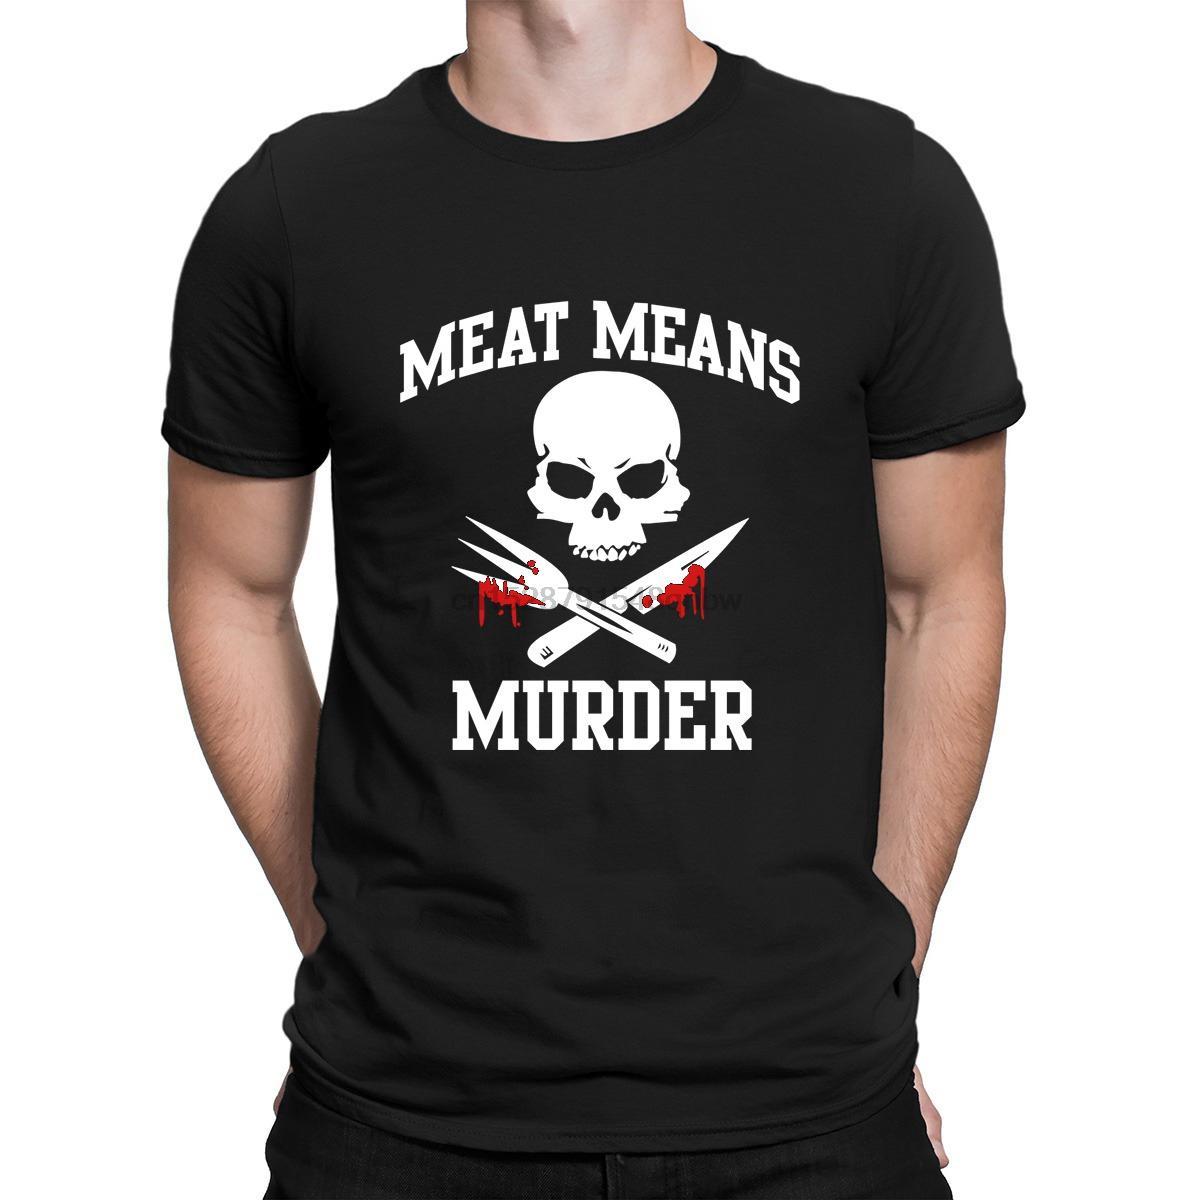 La luz del sol carne Medios asesinato camiseta básica de imprimir cartas del cuello de equipo básico sólido camisa de algodón de primavera